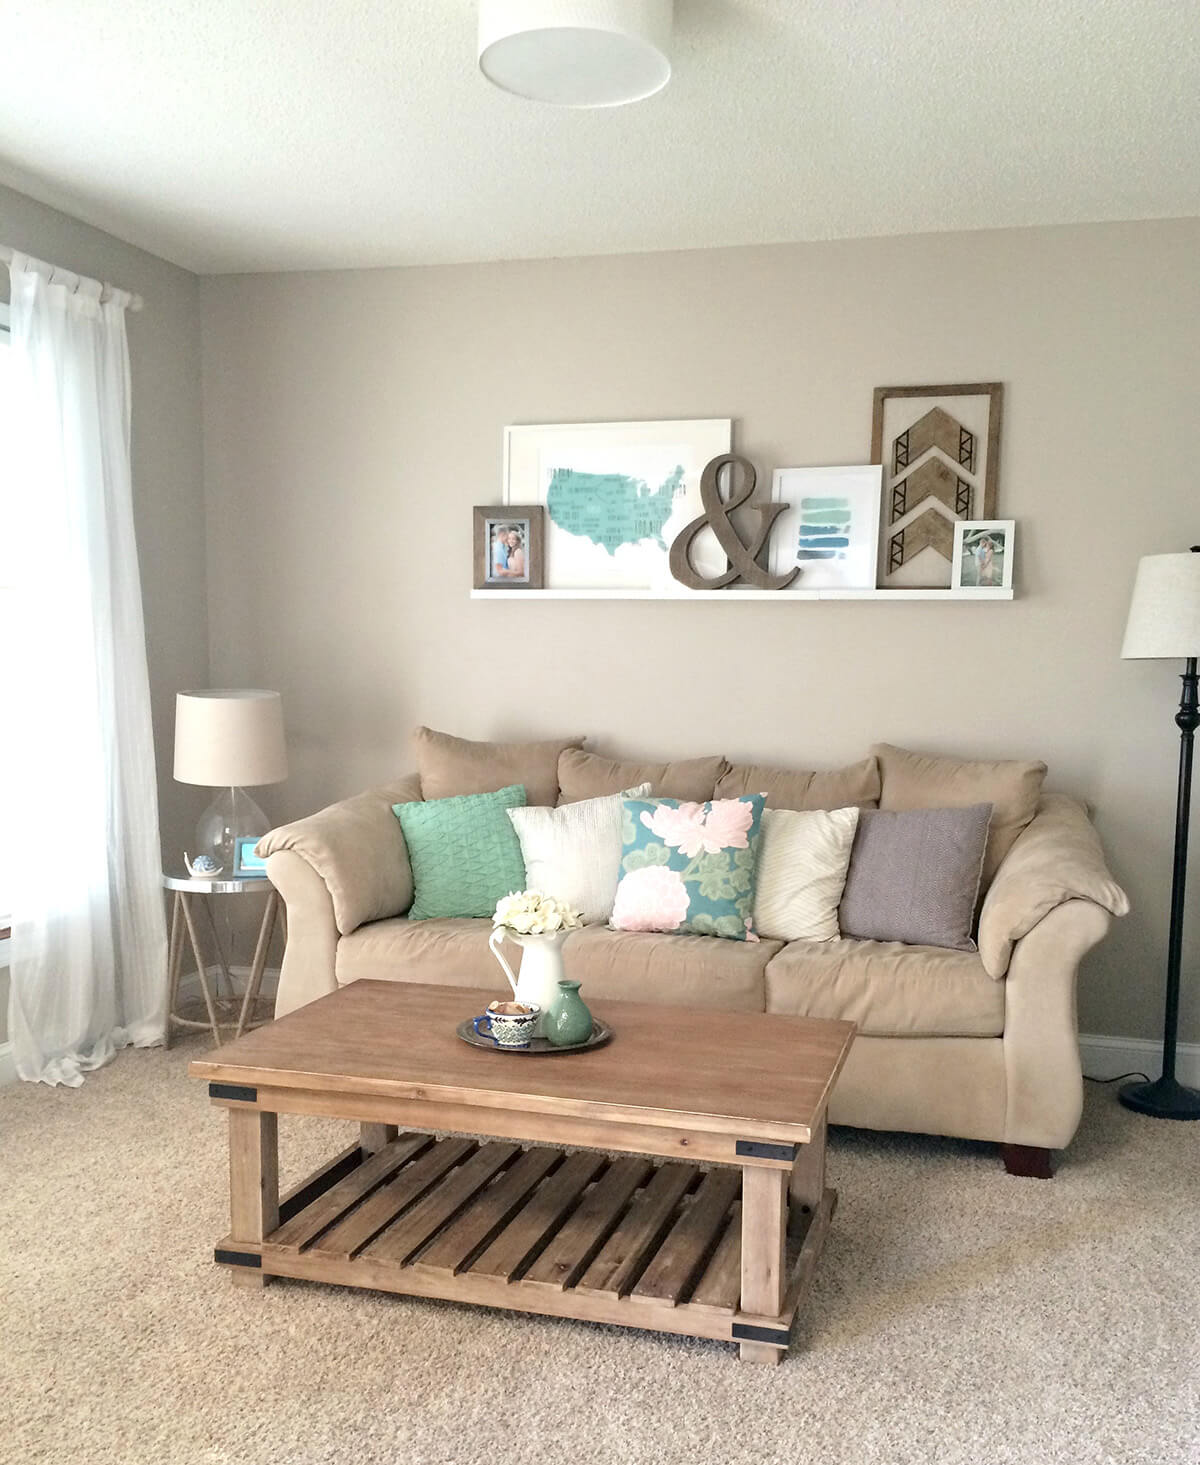 Beige small living room.  Source: Homebnc.com